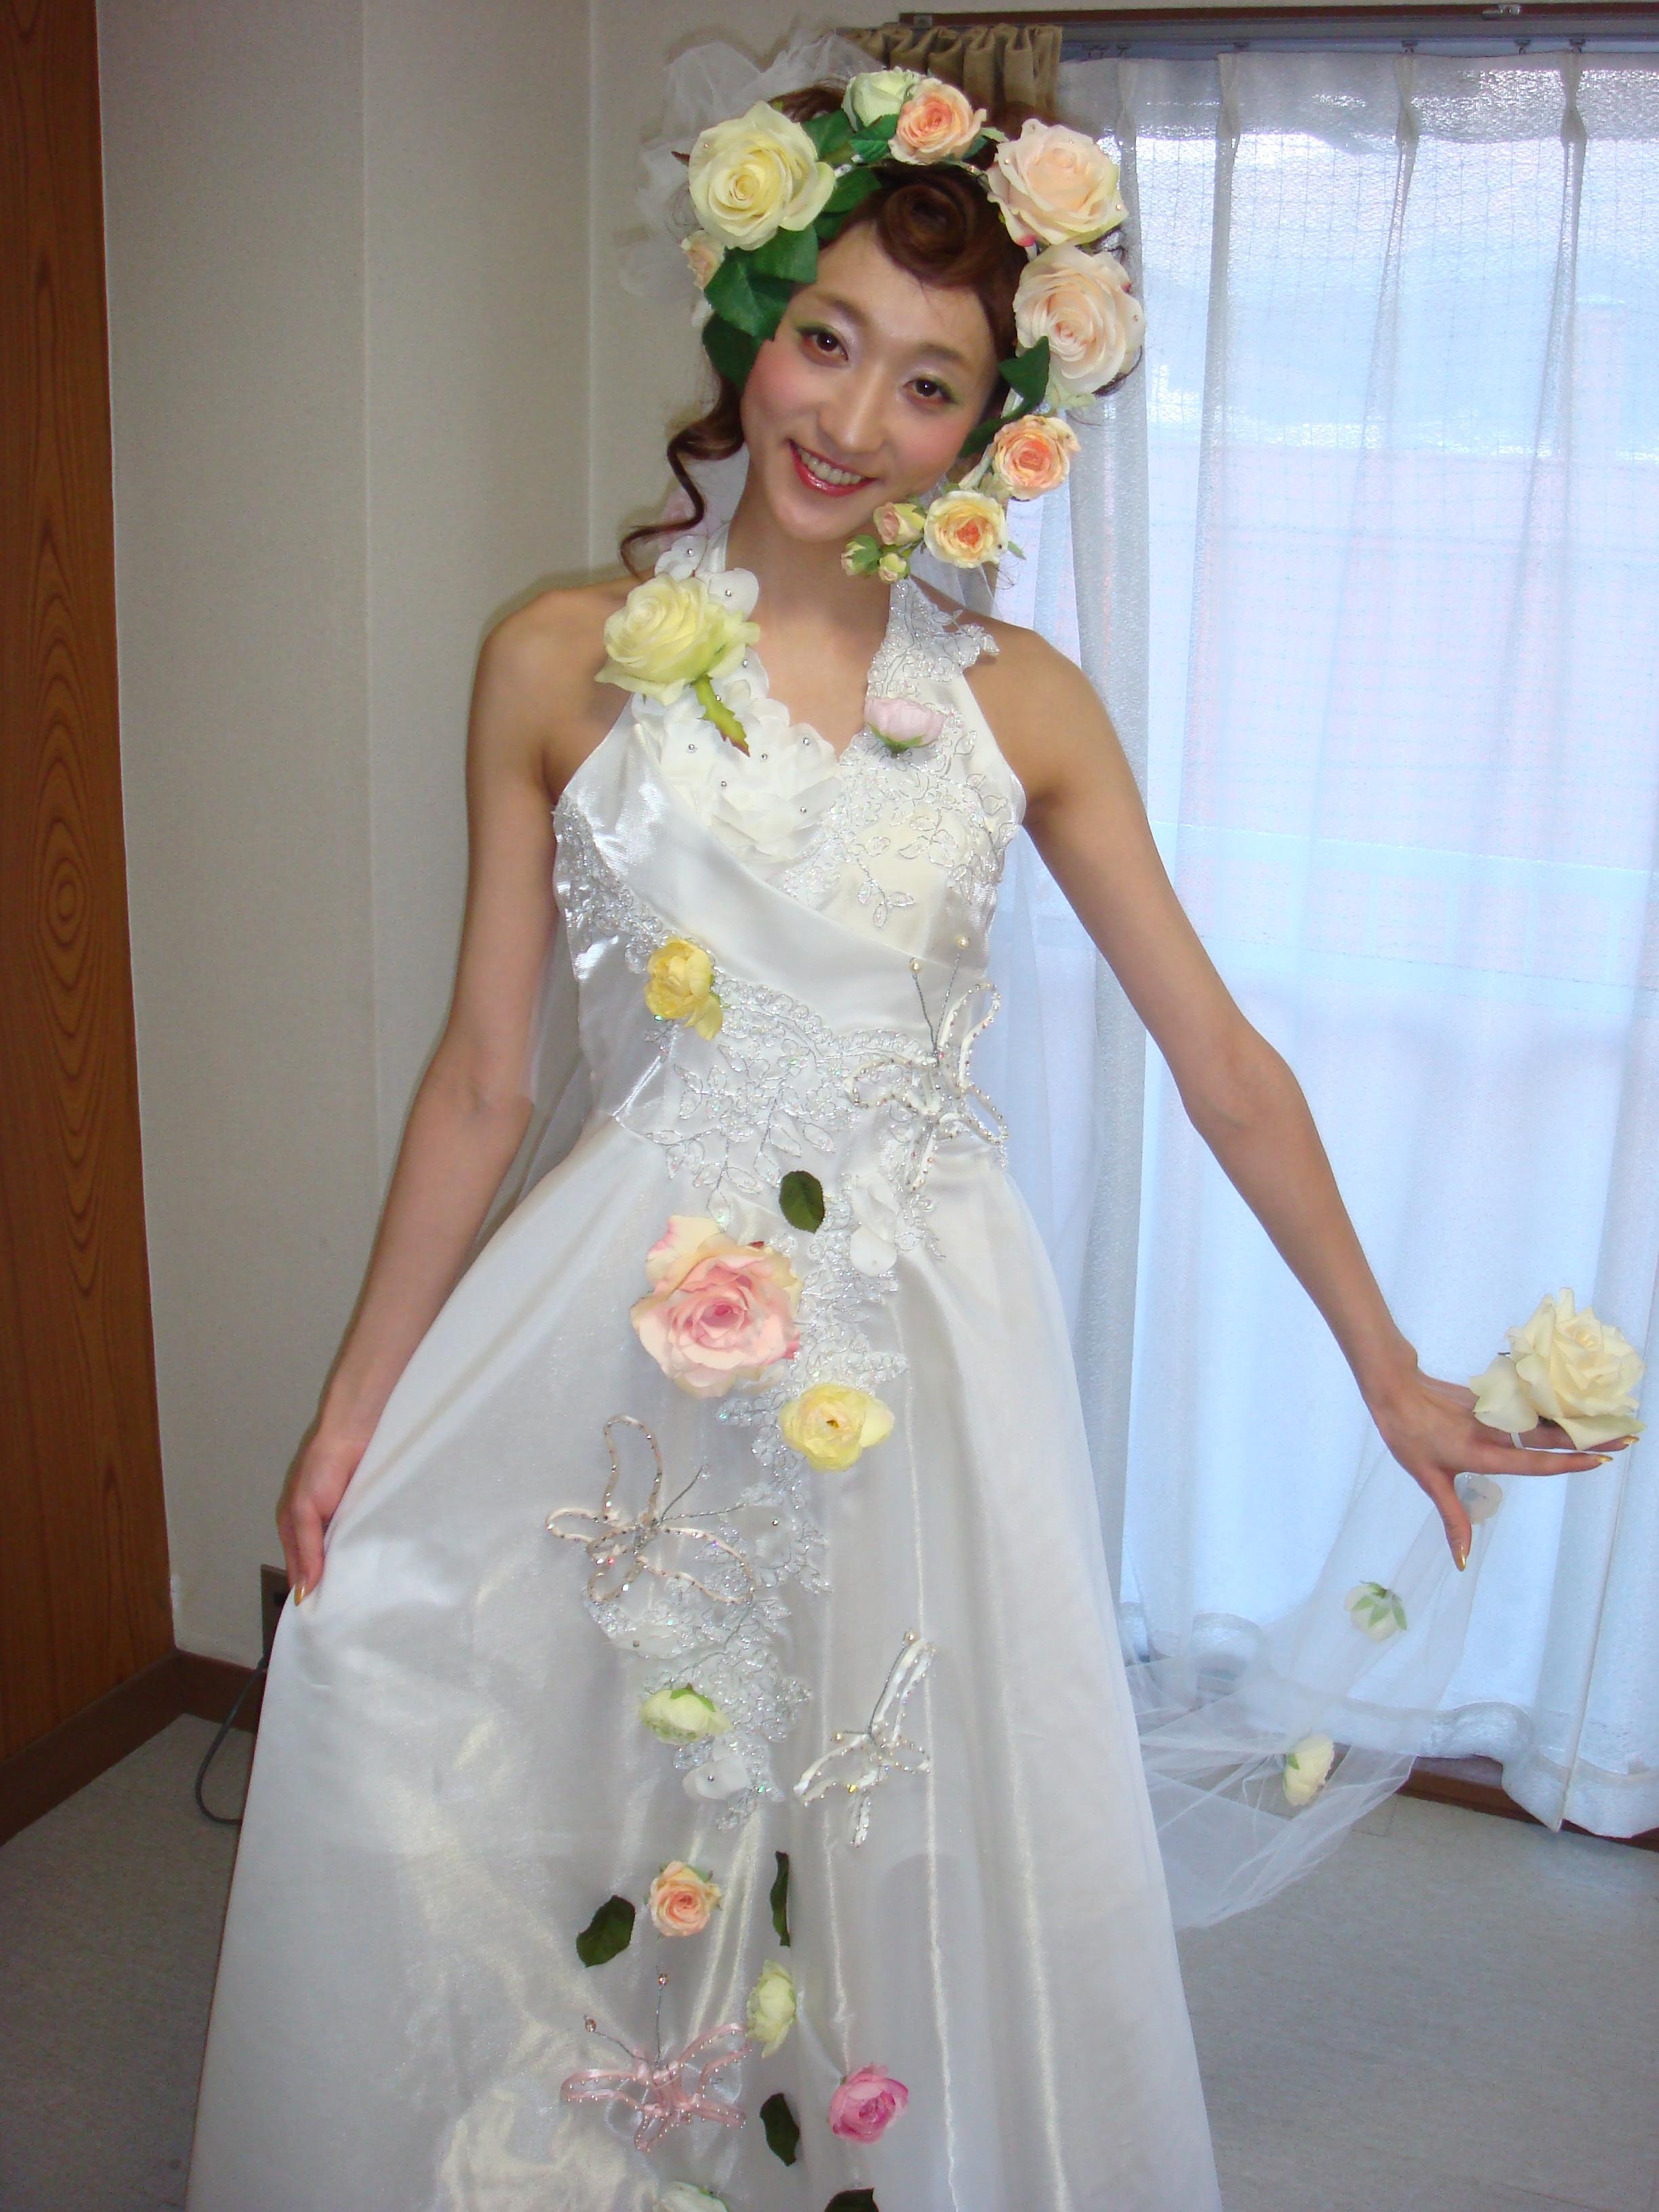 城咲あい・・・結婚?! : 城咲...